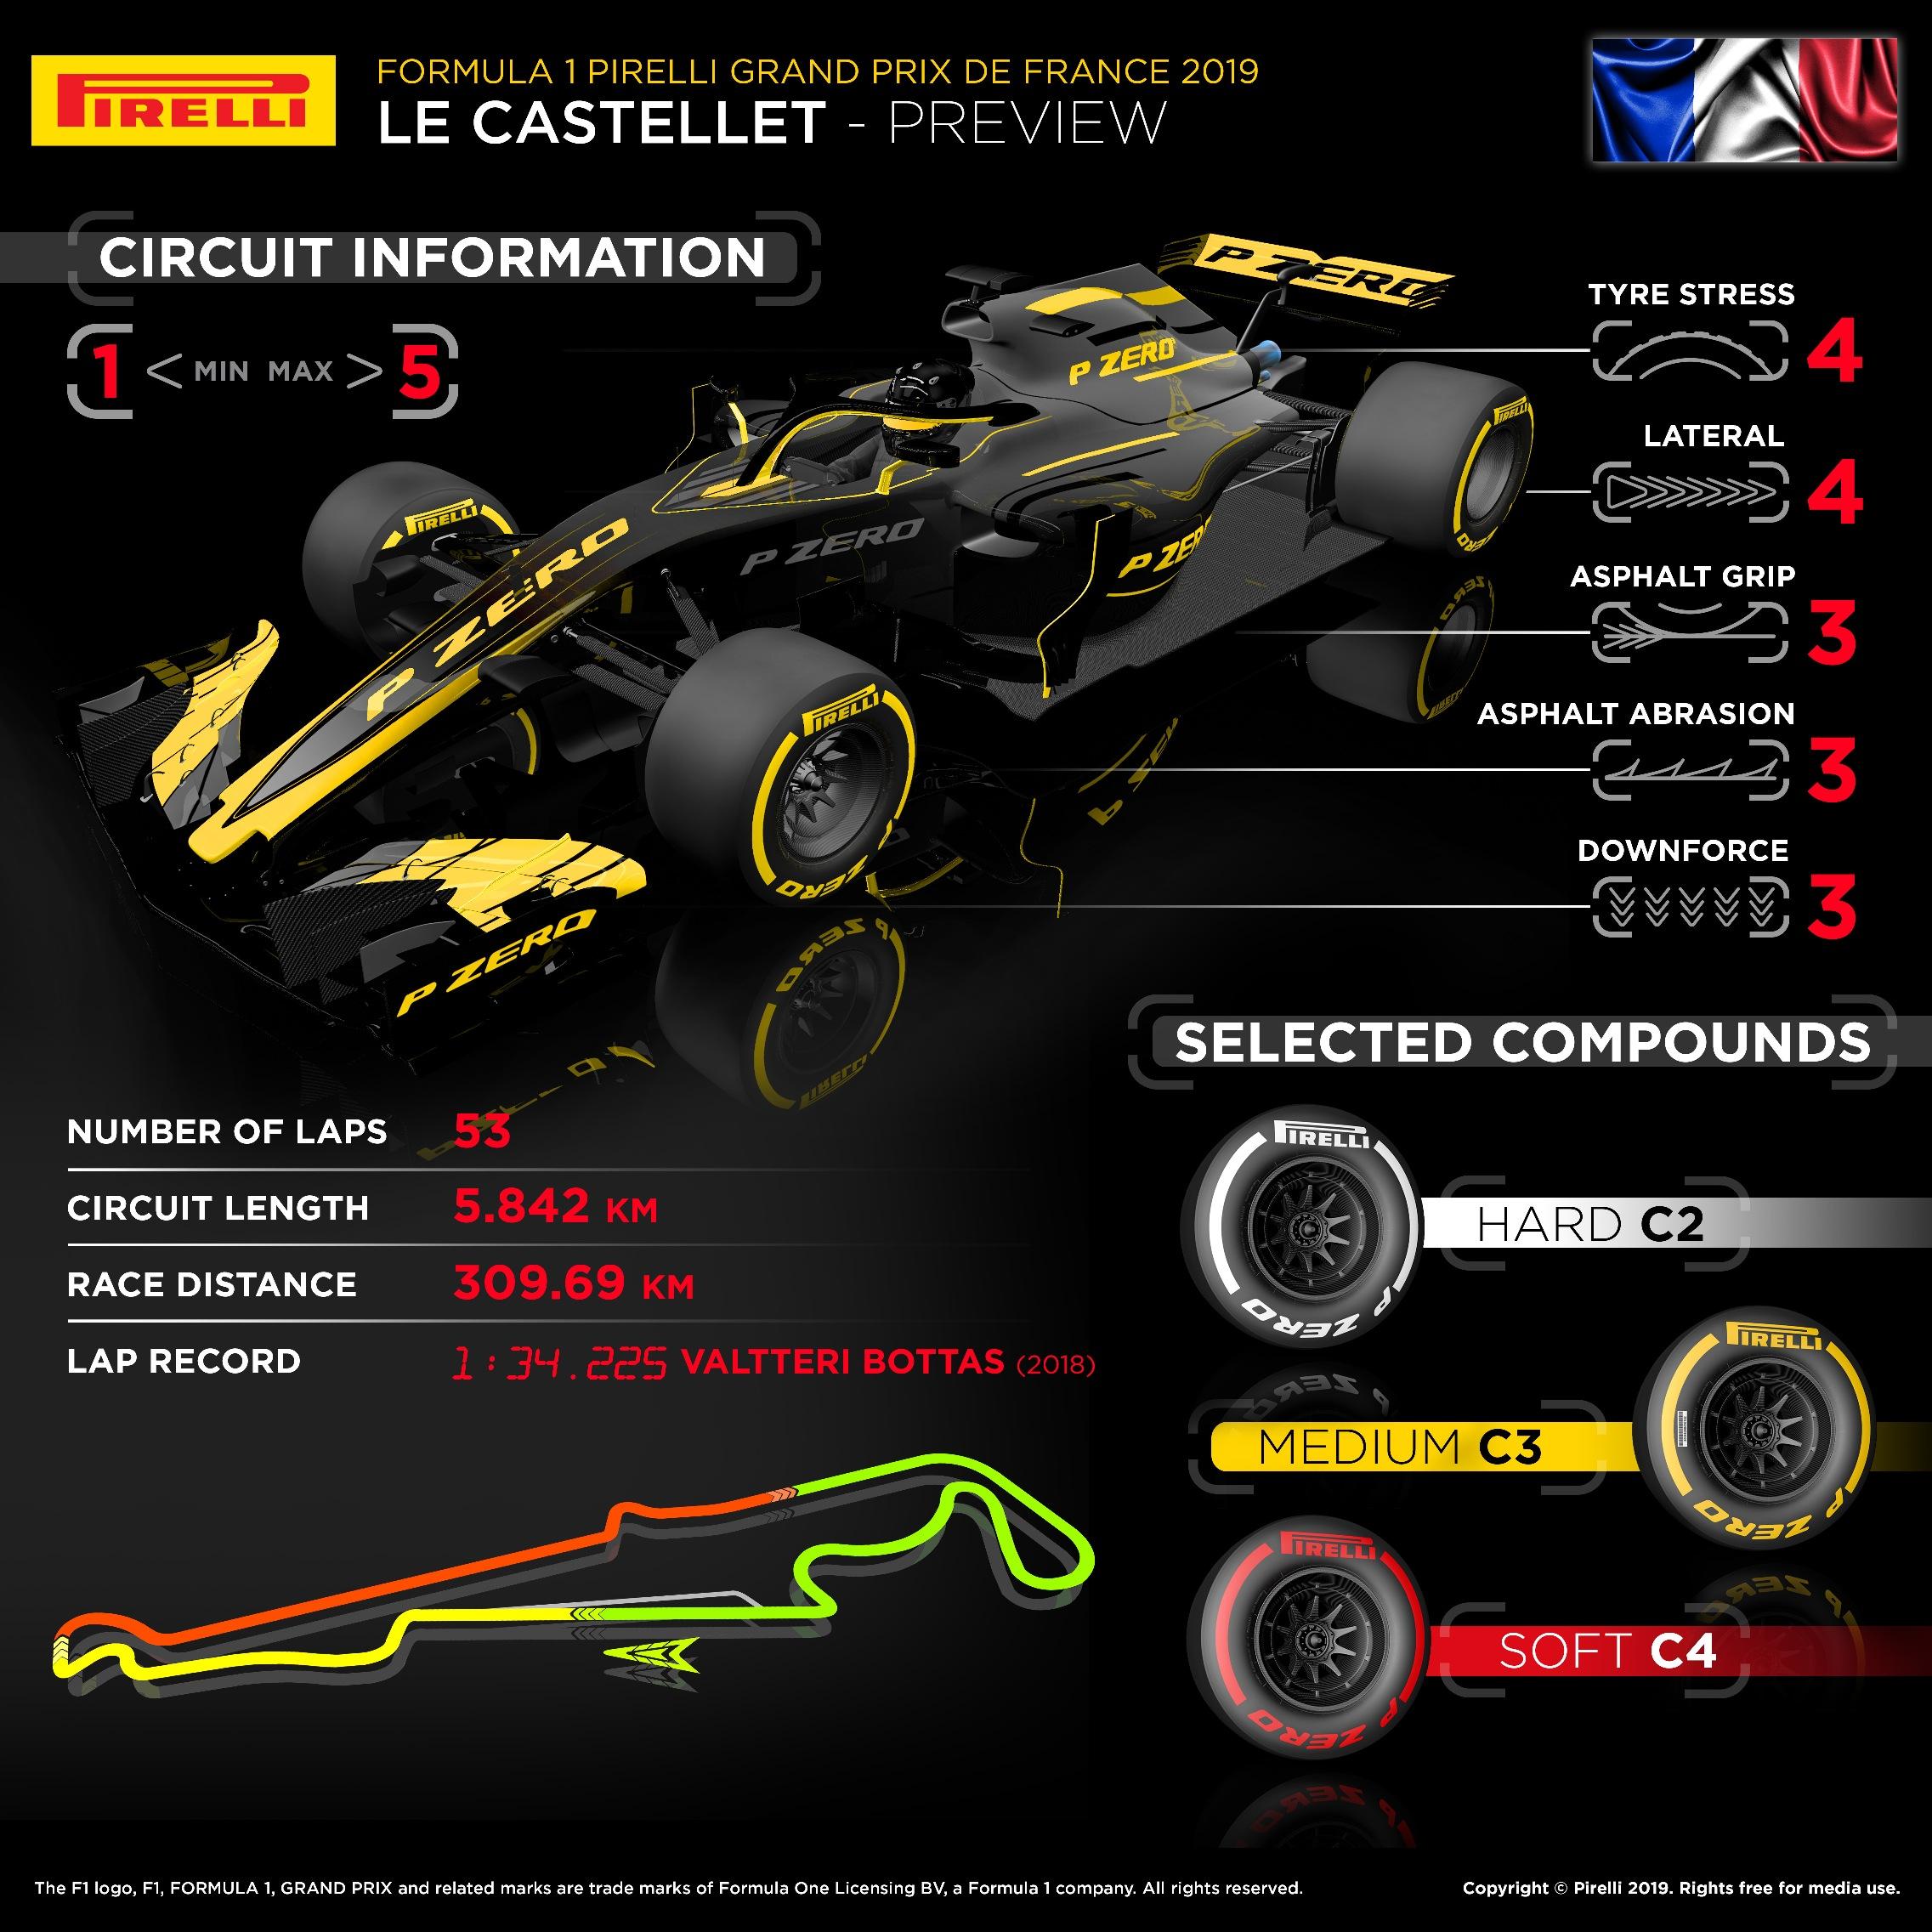 Marele Premiu al Franței – Avancronica Pirelli